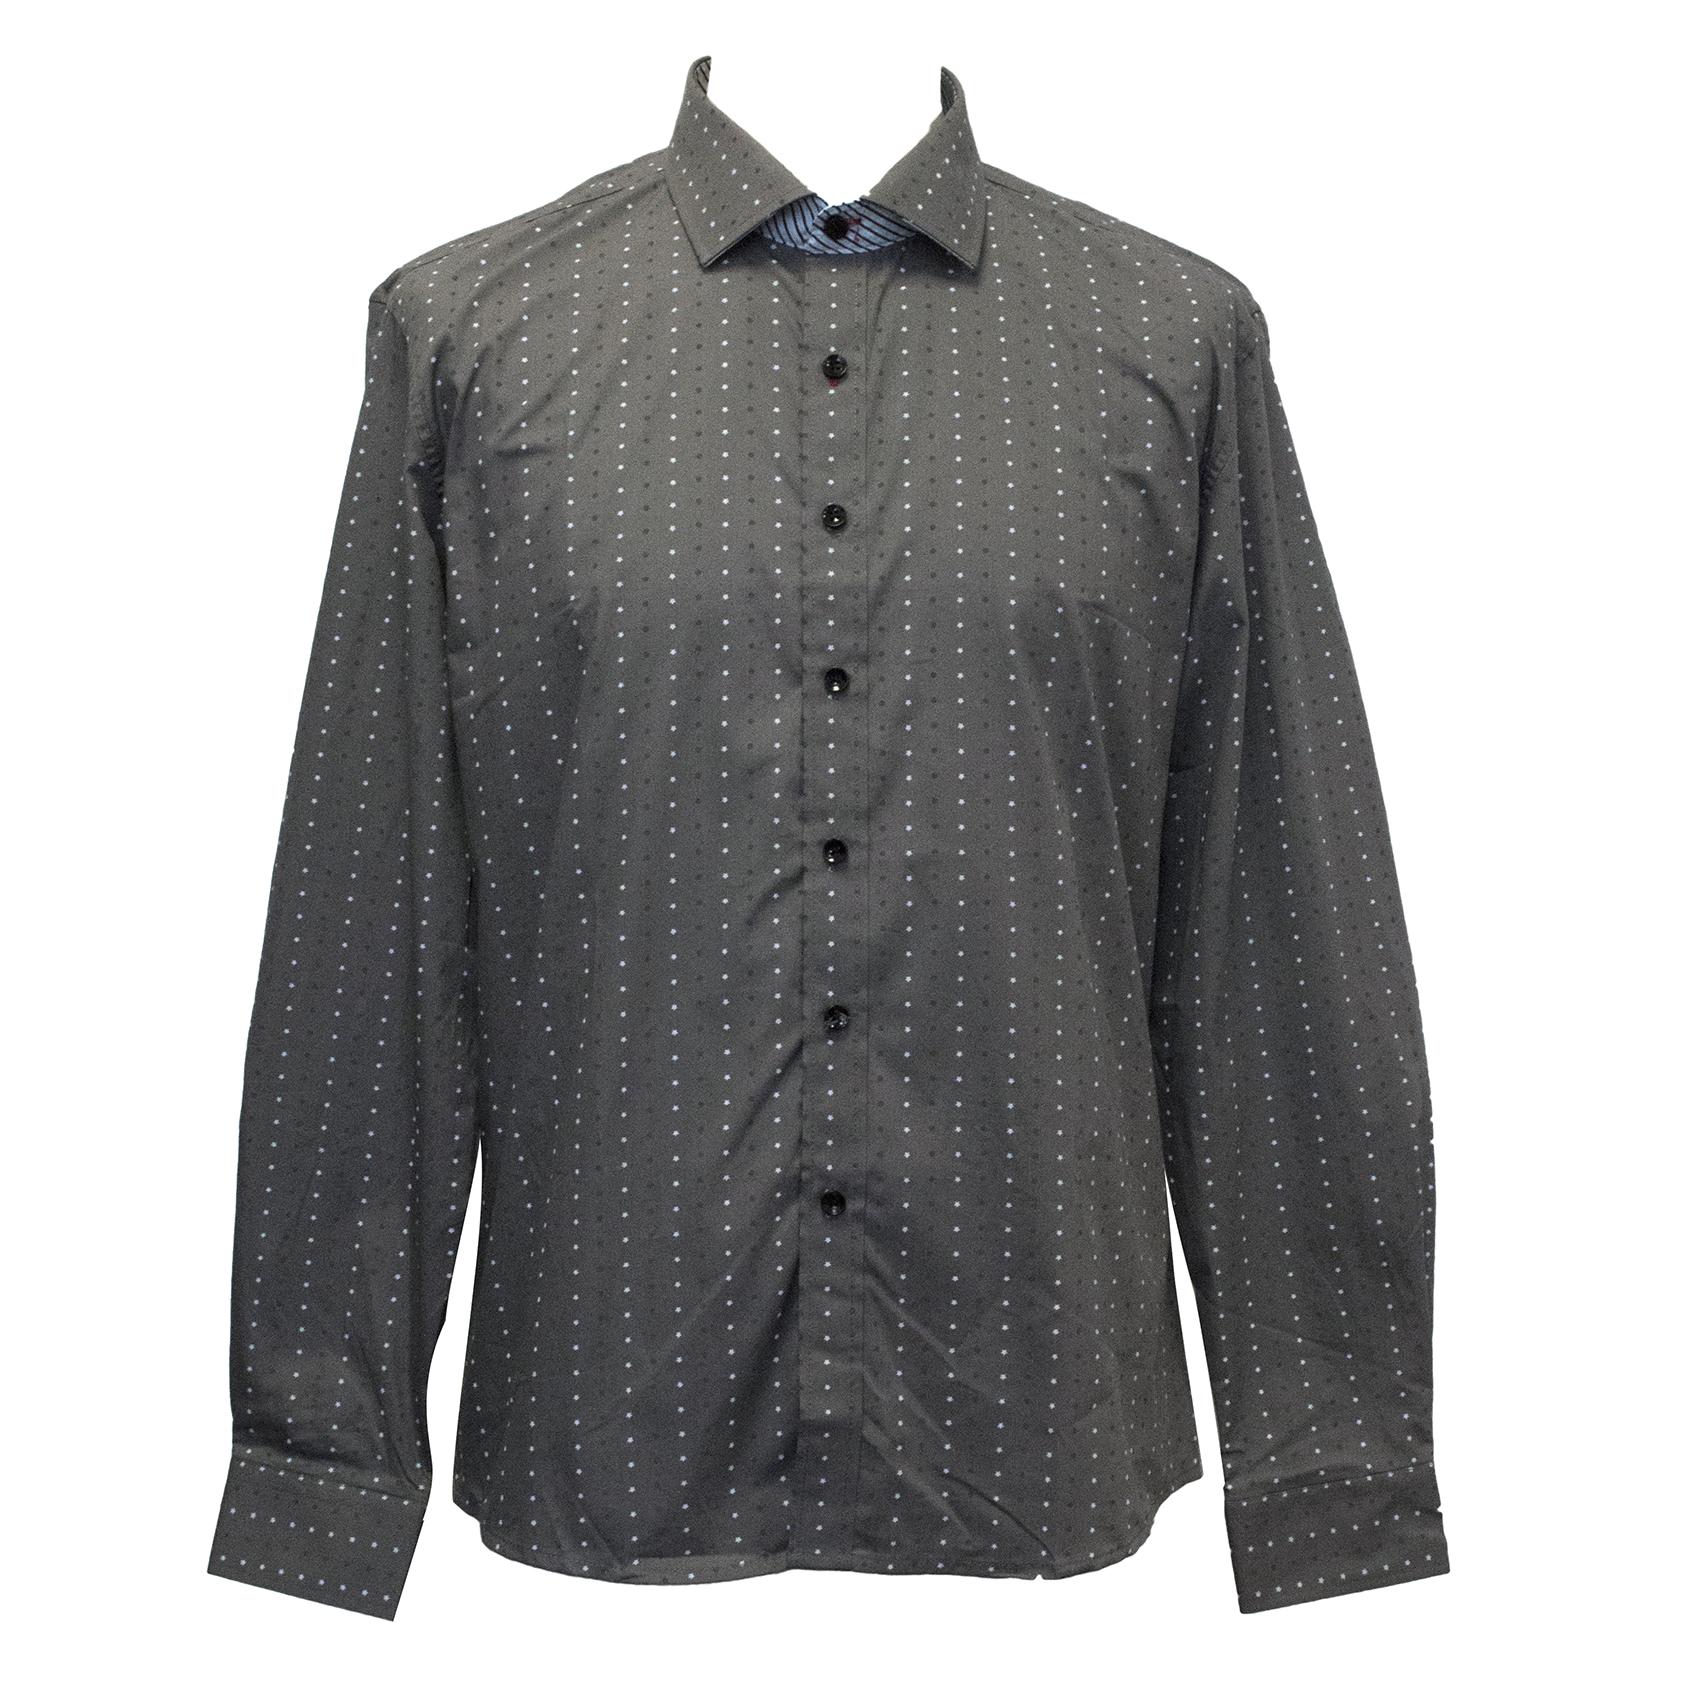 Definitive Grey Star Dot Poplin Shirt